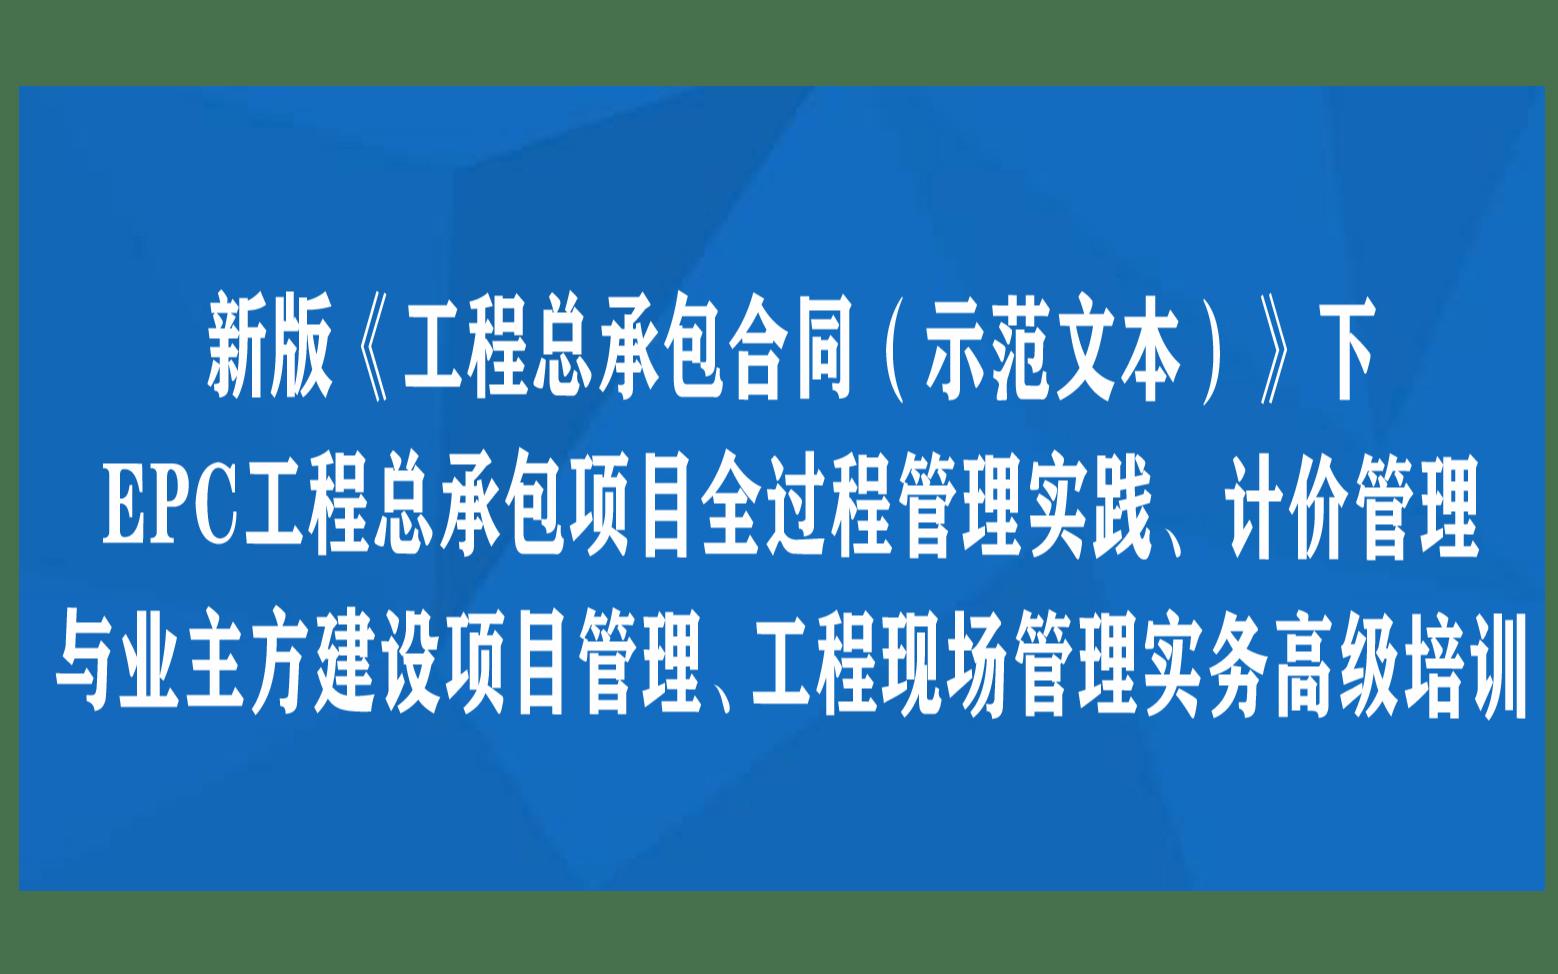 青岛线下课程:新版《工程总承包合同(示范文本)》下EPC工程总承包项目全过程管理实践、计价管理与业主方建设项目管理、工程现场管理实务高级培训班